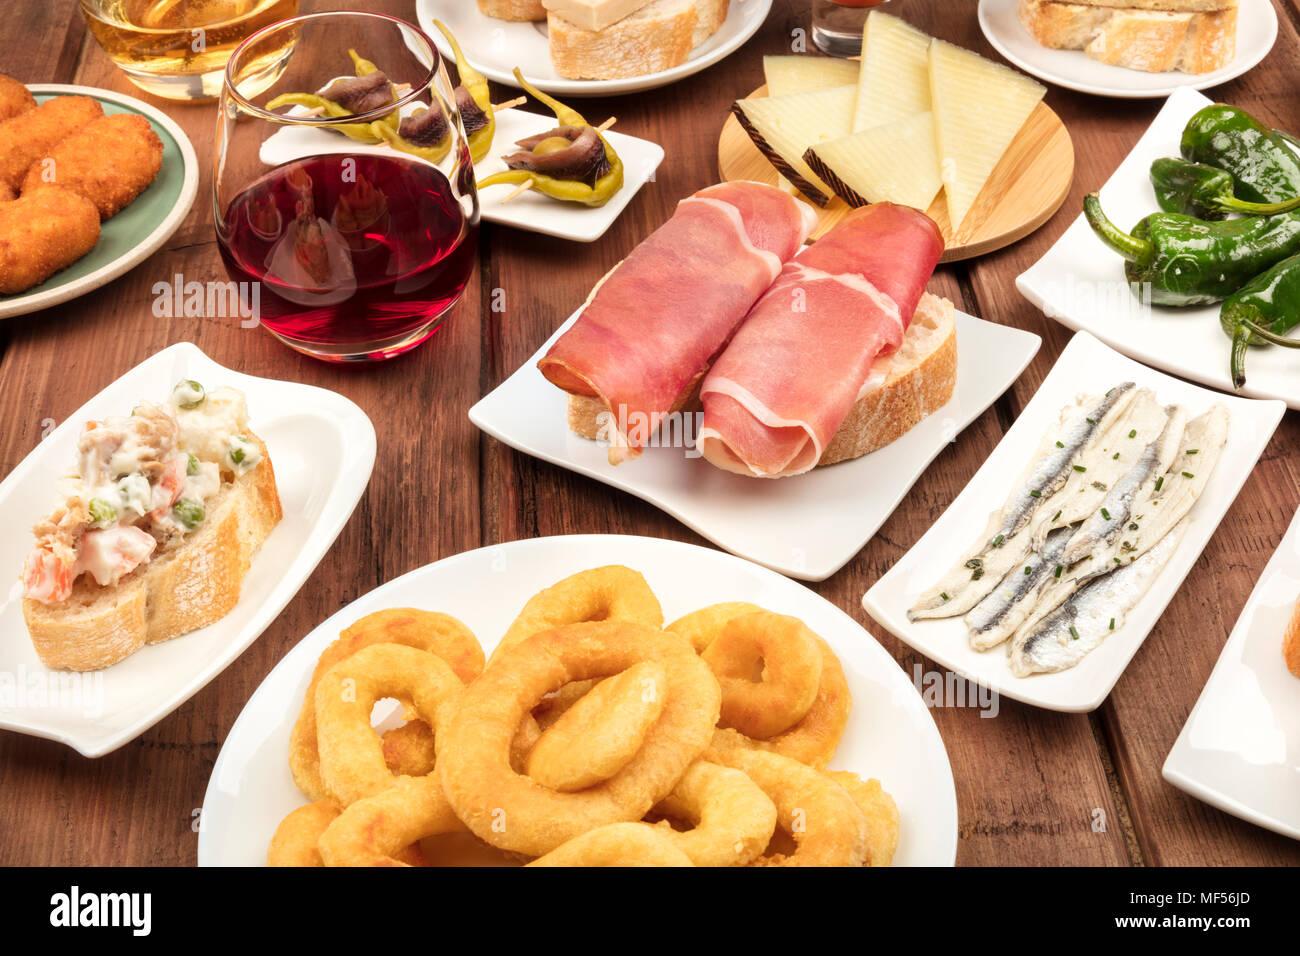 Das Essen von Spanien. Ein Foto von vielen verschiedenen spanischen Tapas auf einem dunklen rustikalen Textur. Schinken, Käse, Wein, Kroketten, Calamari Ringe, Sardellen und Mo Stockbild